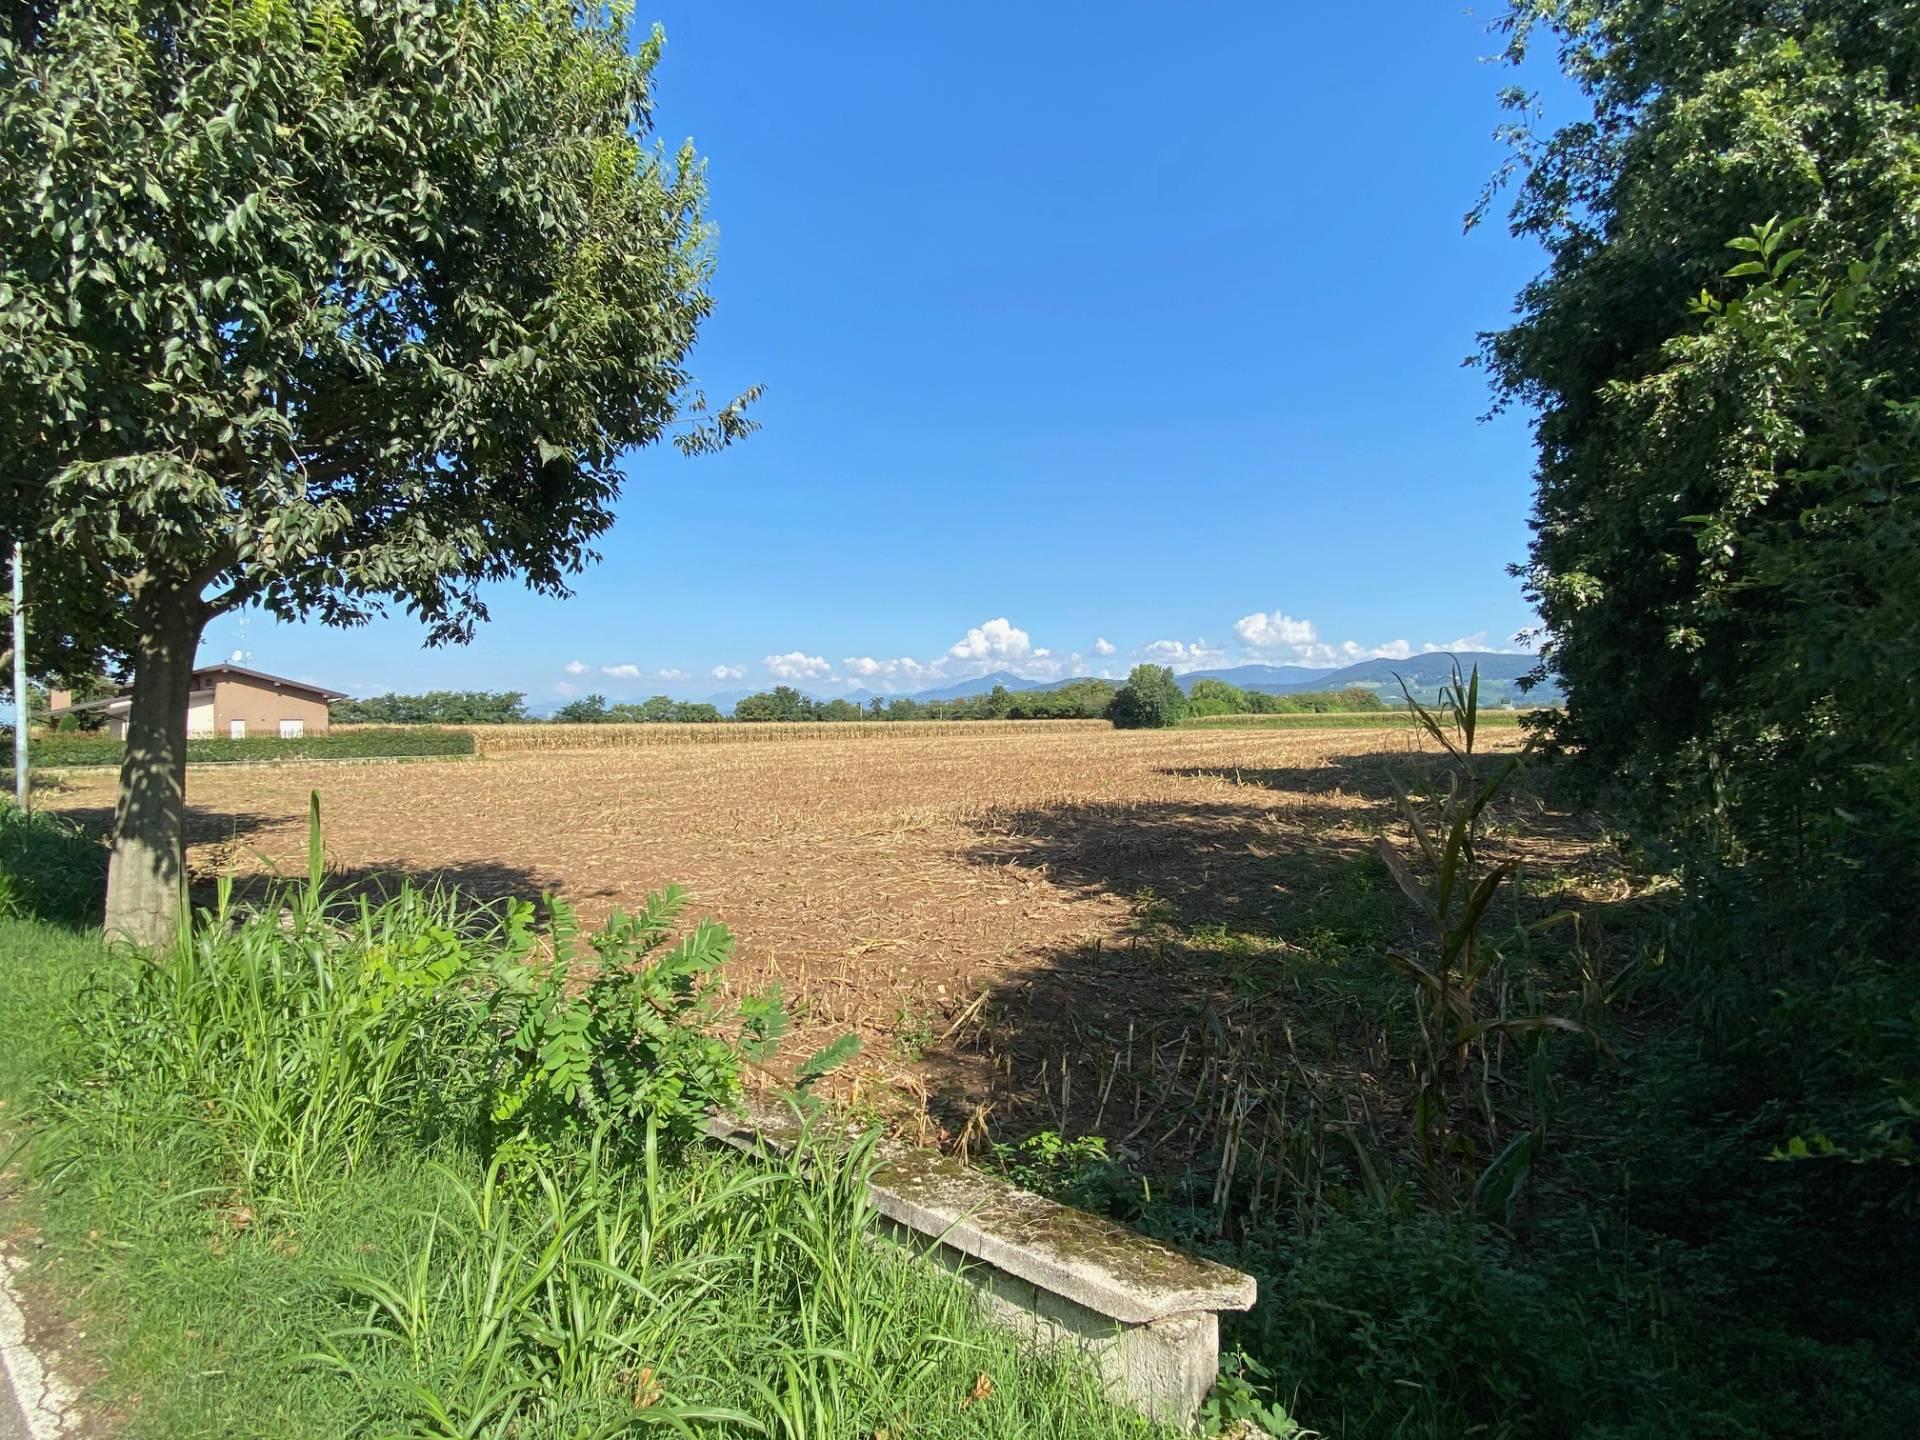 Terreno Agricolo in vendita a Palazzolo sull'Oglio, 9999 locali, Trattative riservate | PortaleAgenzieImmobiliari.it